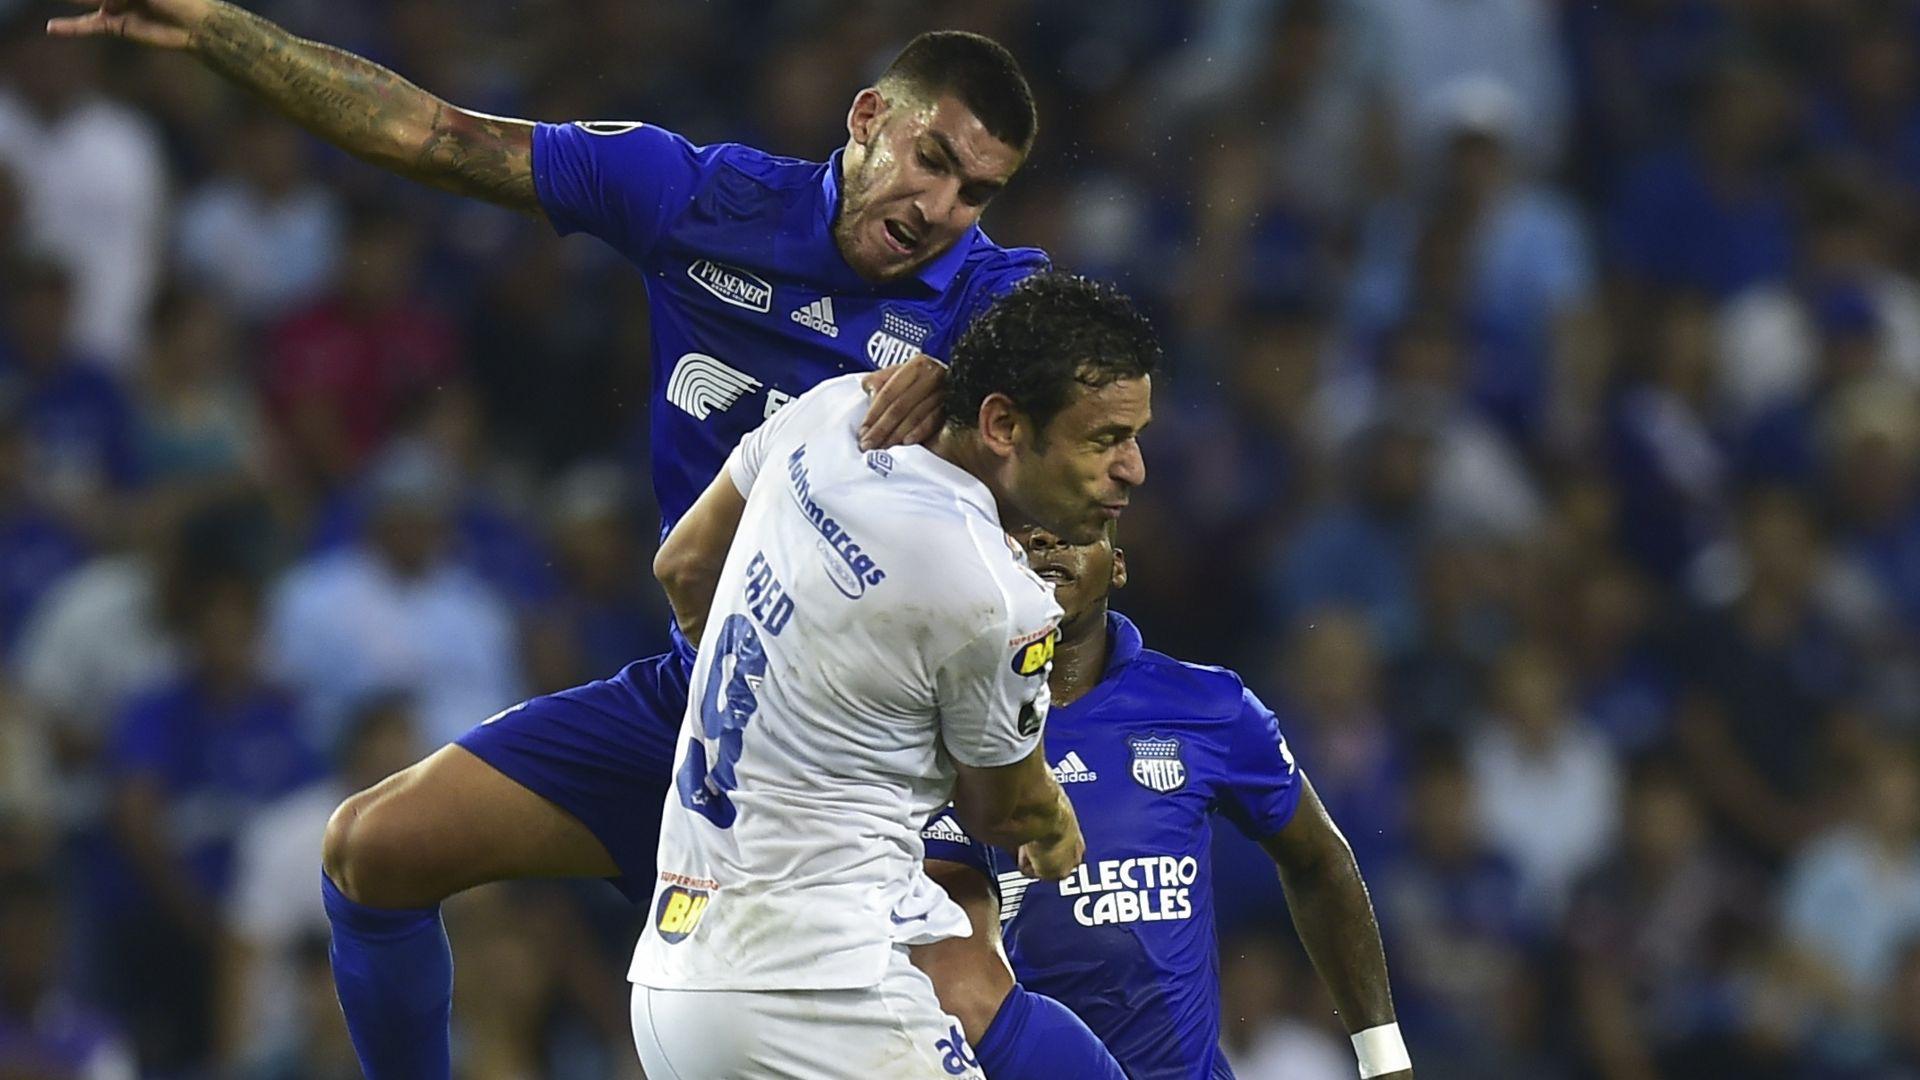 Fred Leandro Vega Emelec Cruzeiro Copa Libertadores 03042019